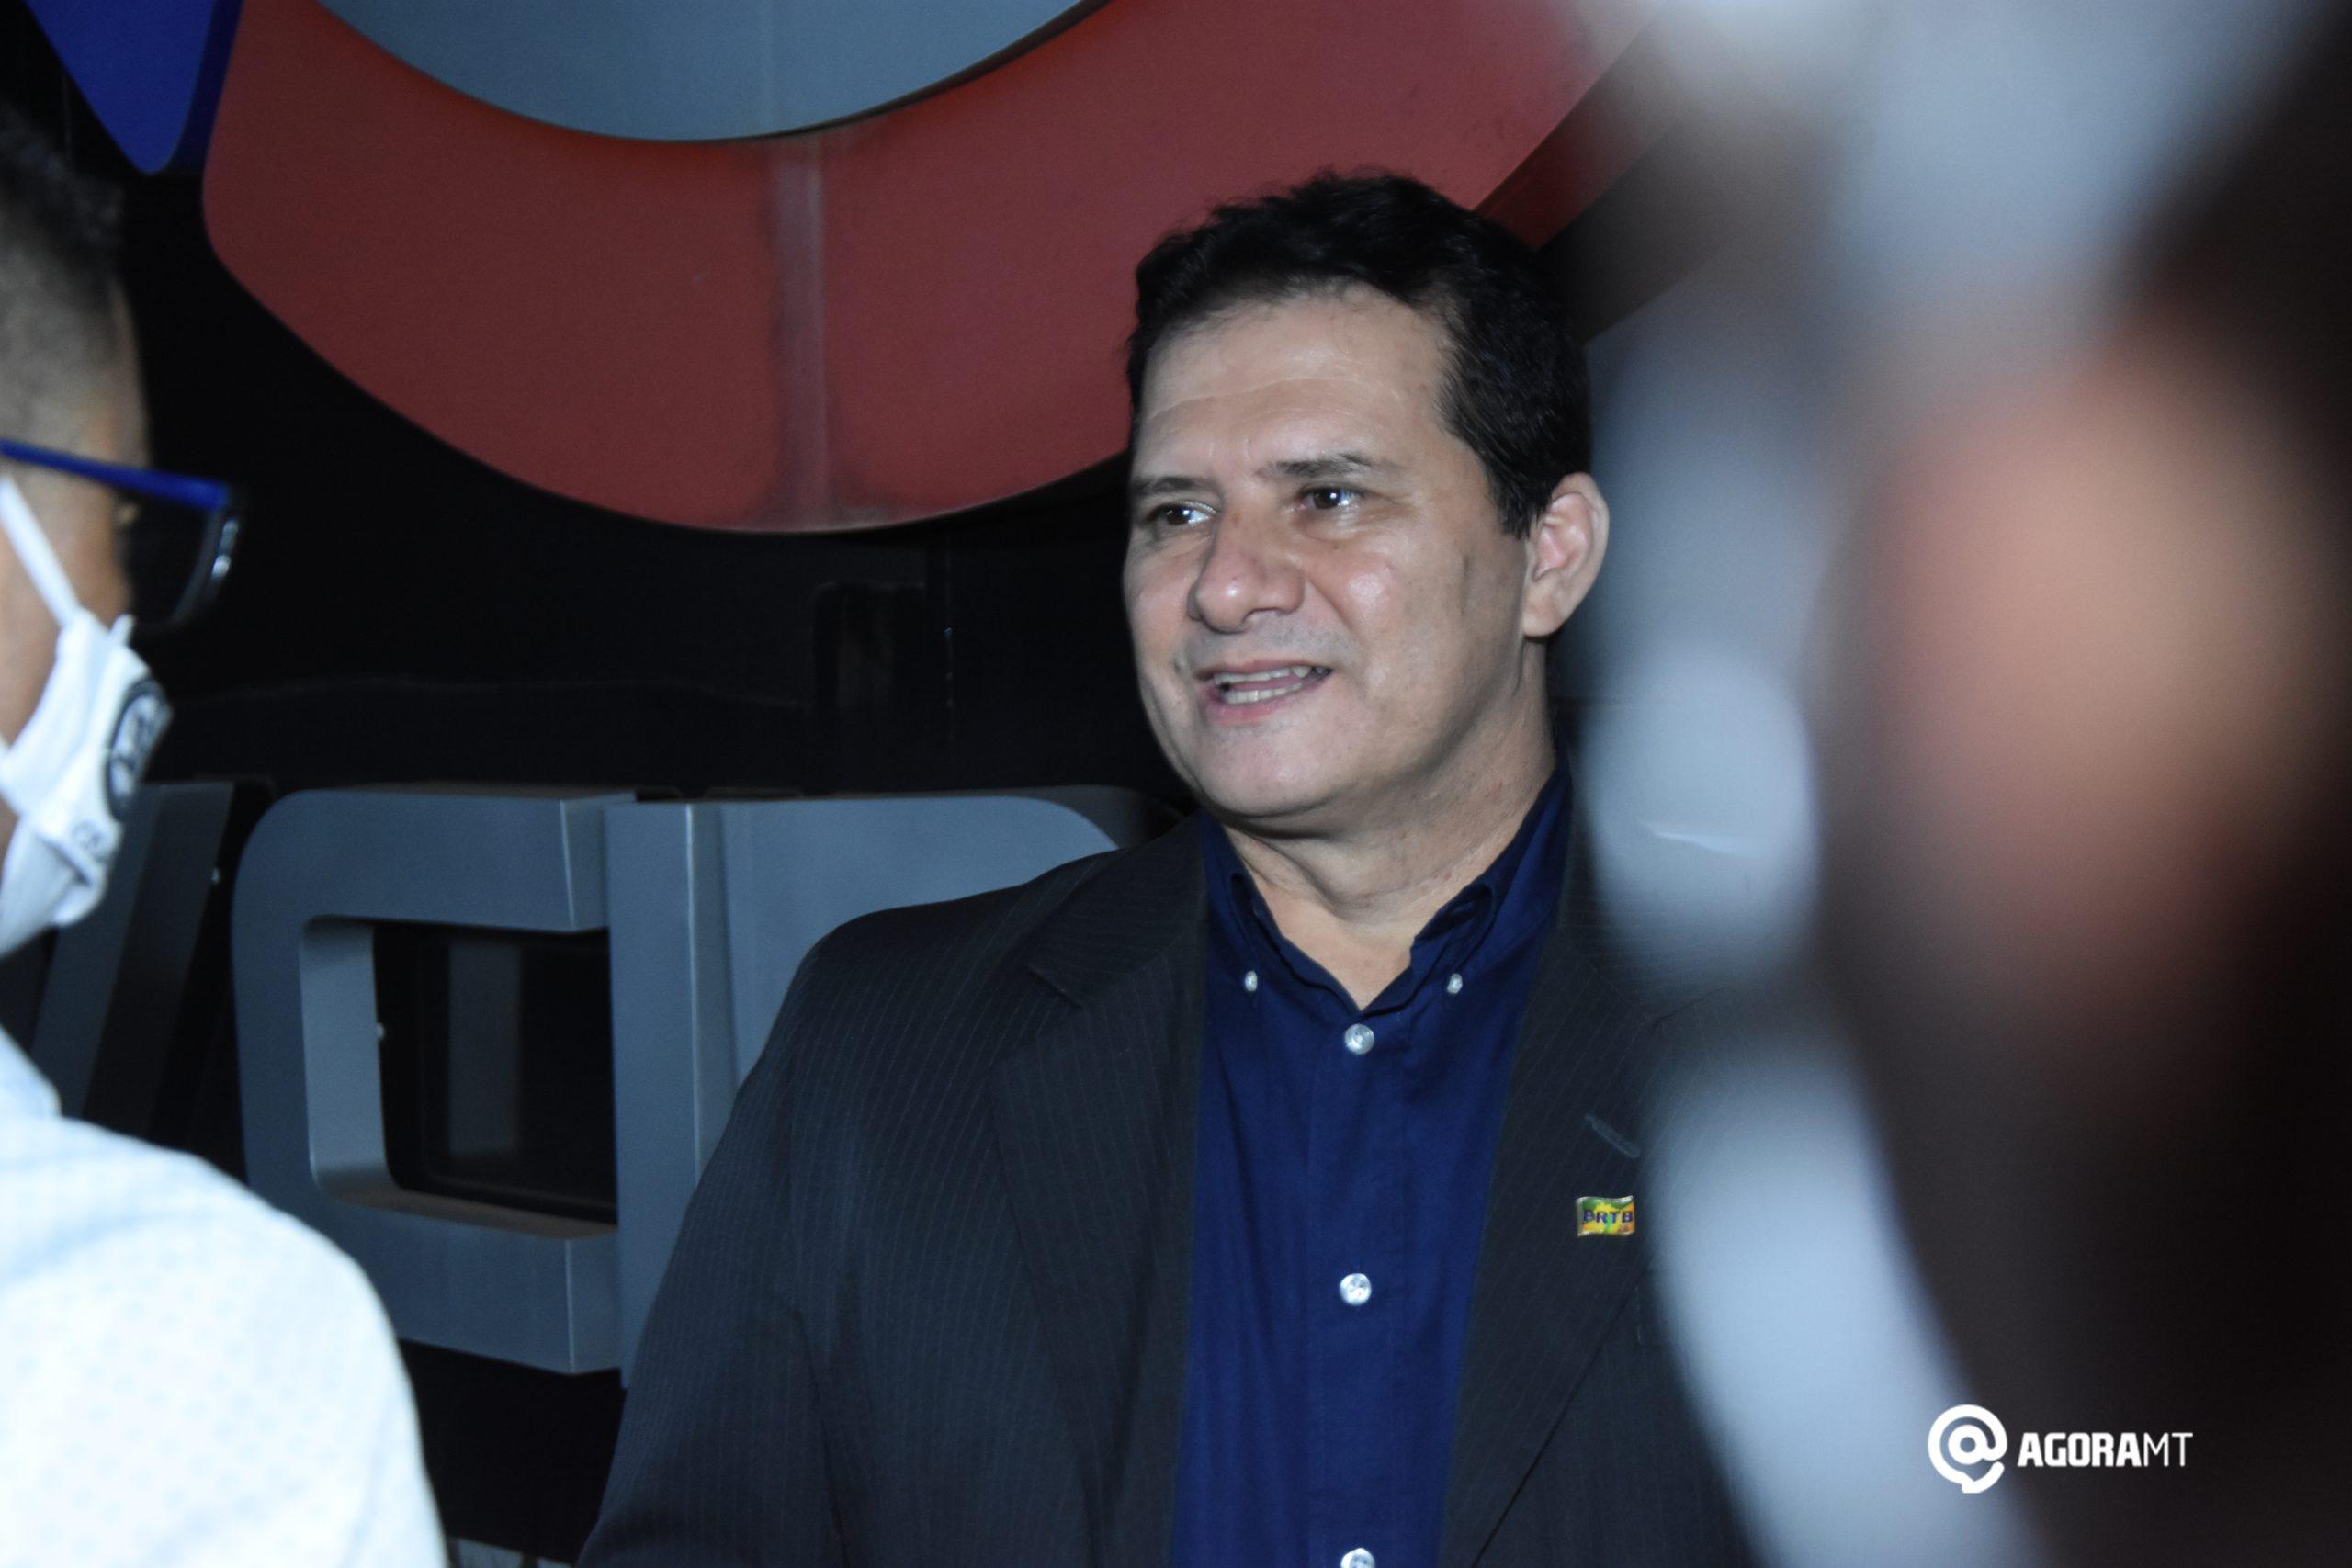 Imagem: VAR 3398 1 scaled Bonoto não confia em urnas eletrônicas, mas reconhece resultado da eleição